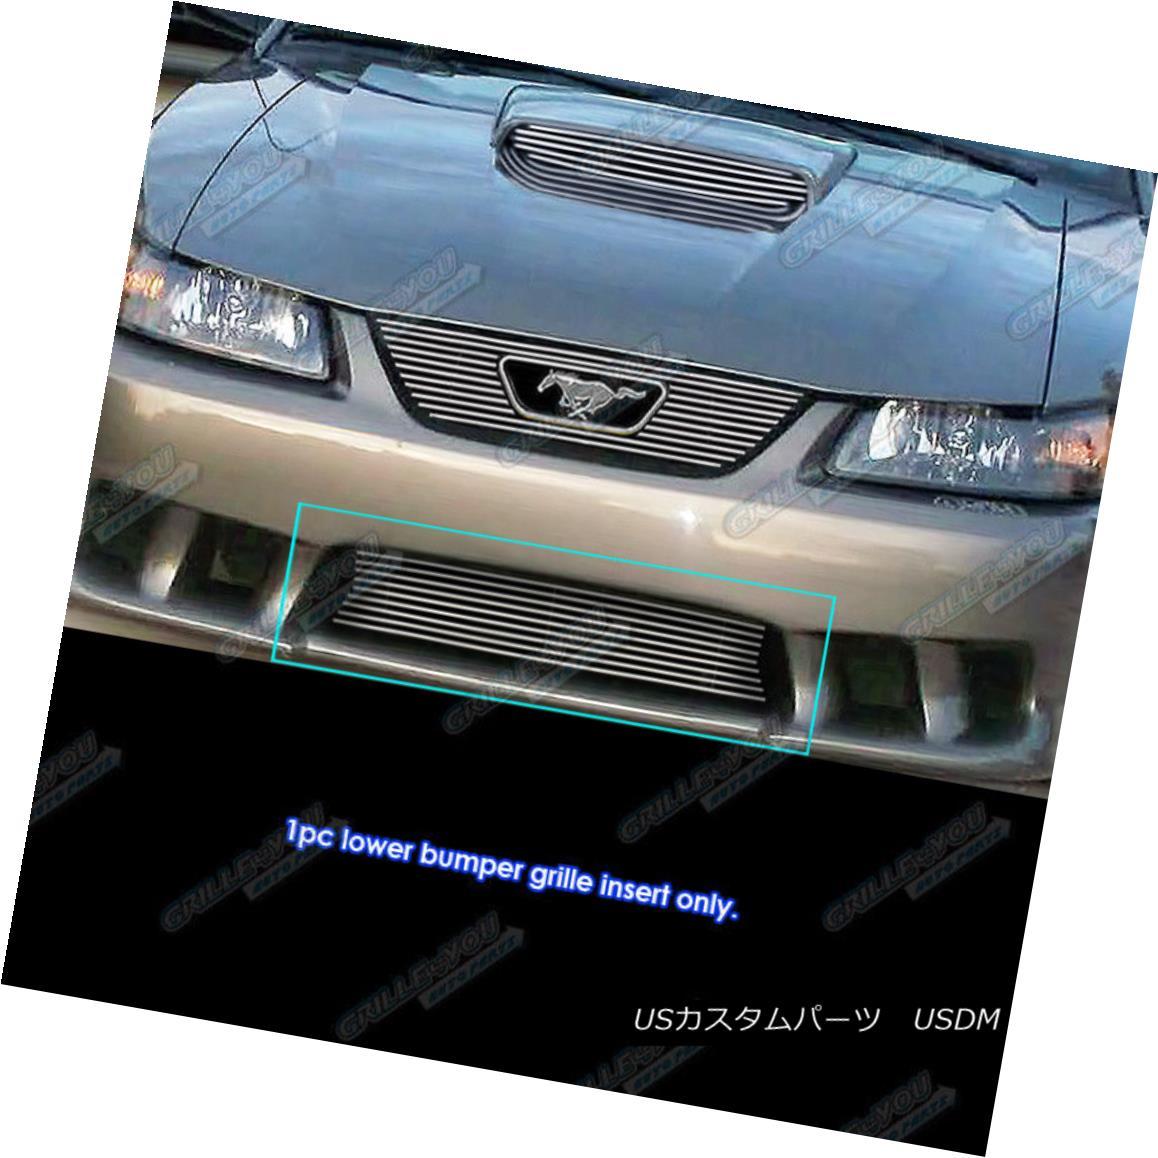 グリル Fits 1999-2004 Ford Mustang Saleen Lower Bumper Billet Grille Grill Insert フィット1999-2004フォードマスタングサレーンロワーバンパービレットグリルグリルインサート